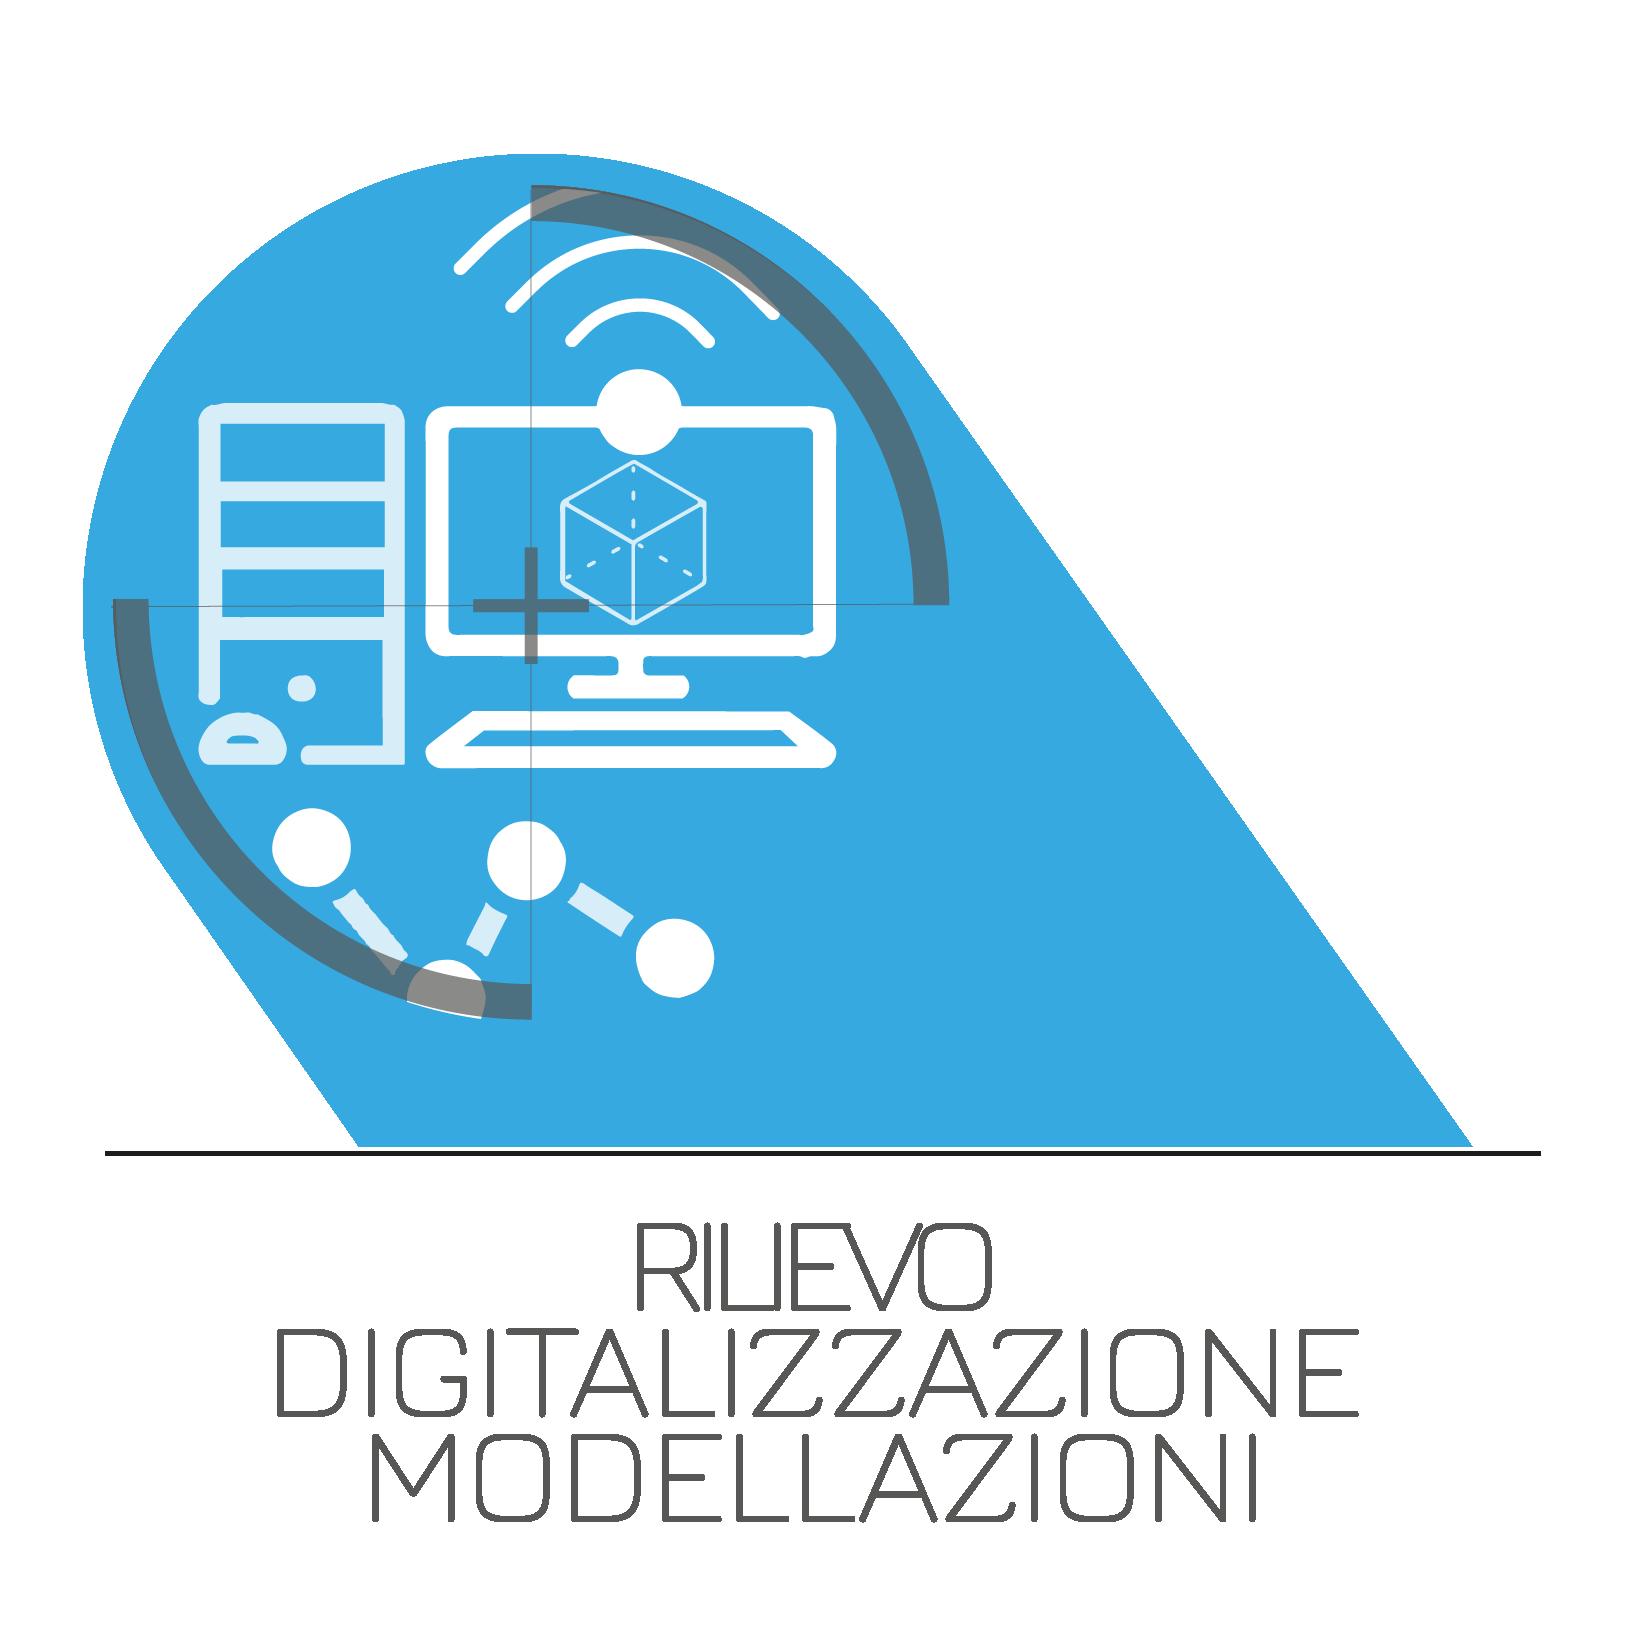 RILIEVI - 3D SCANNING - DIGITALIZZAZIONE